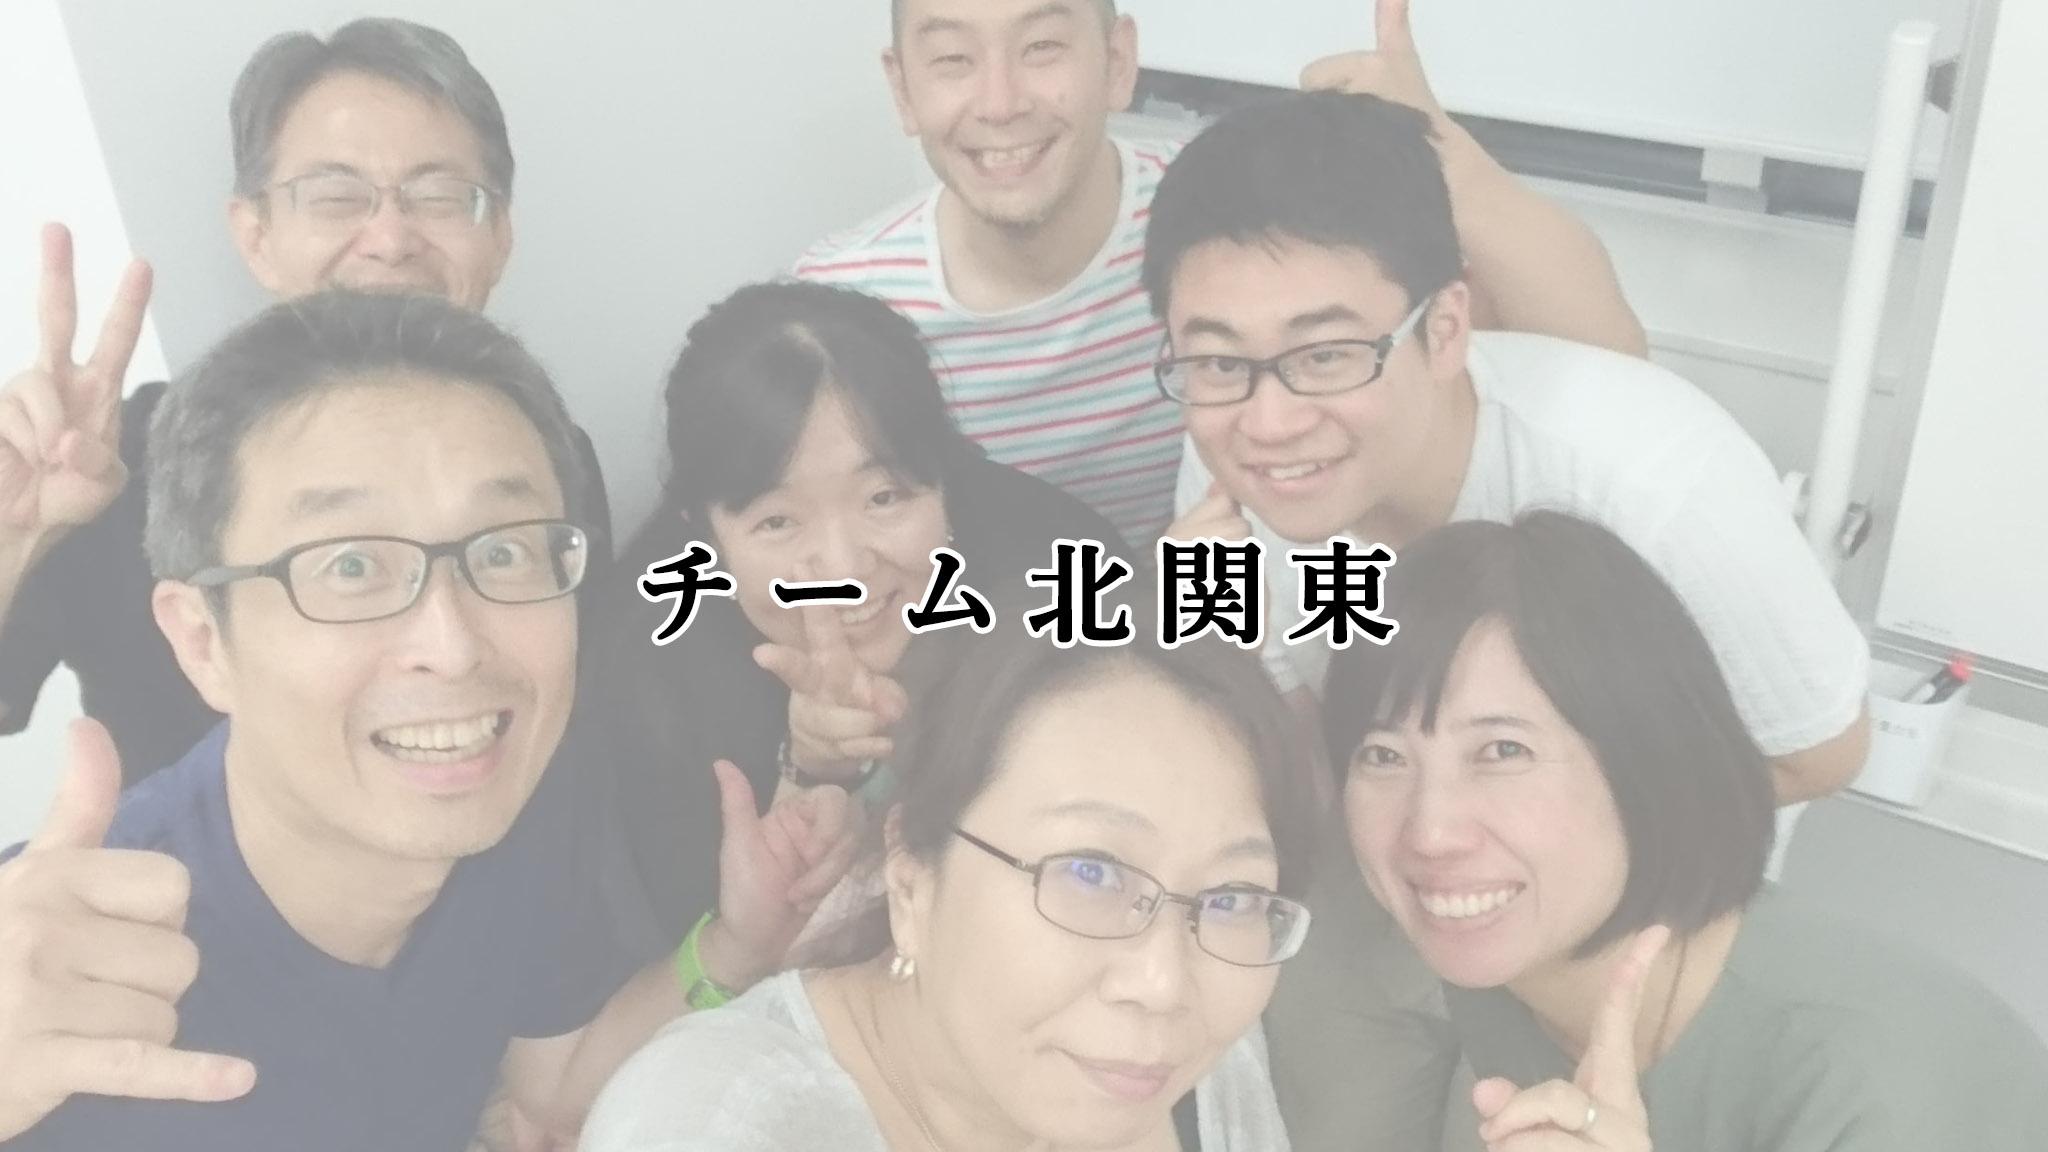 チーム北関東